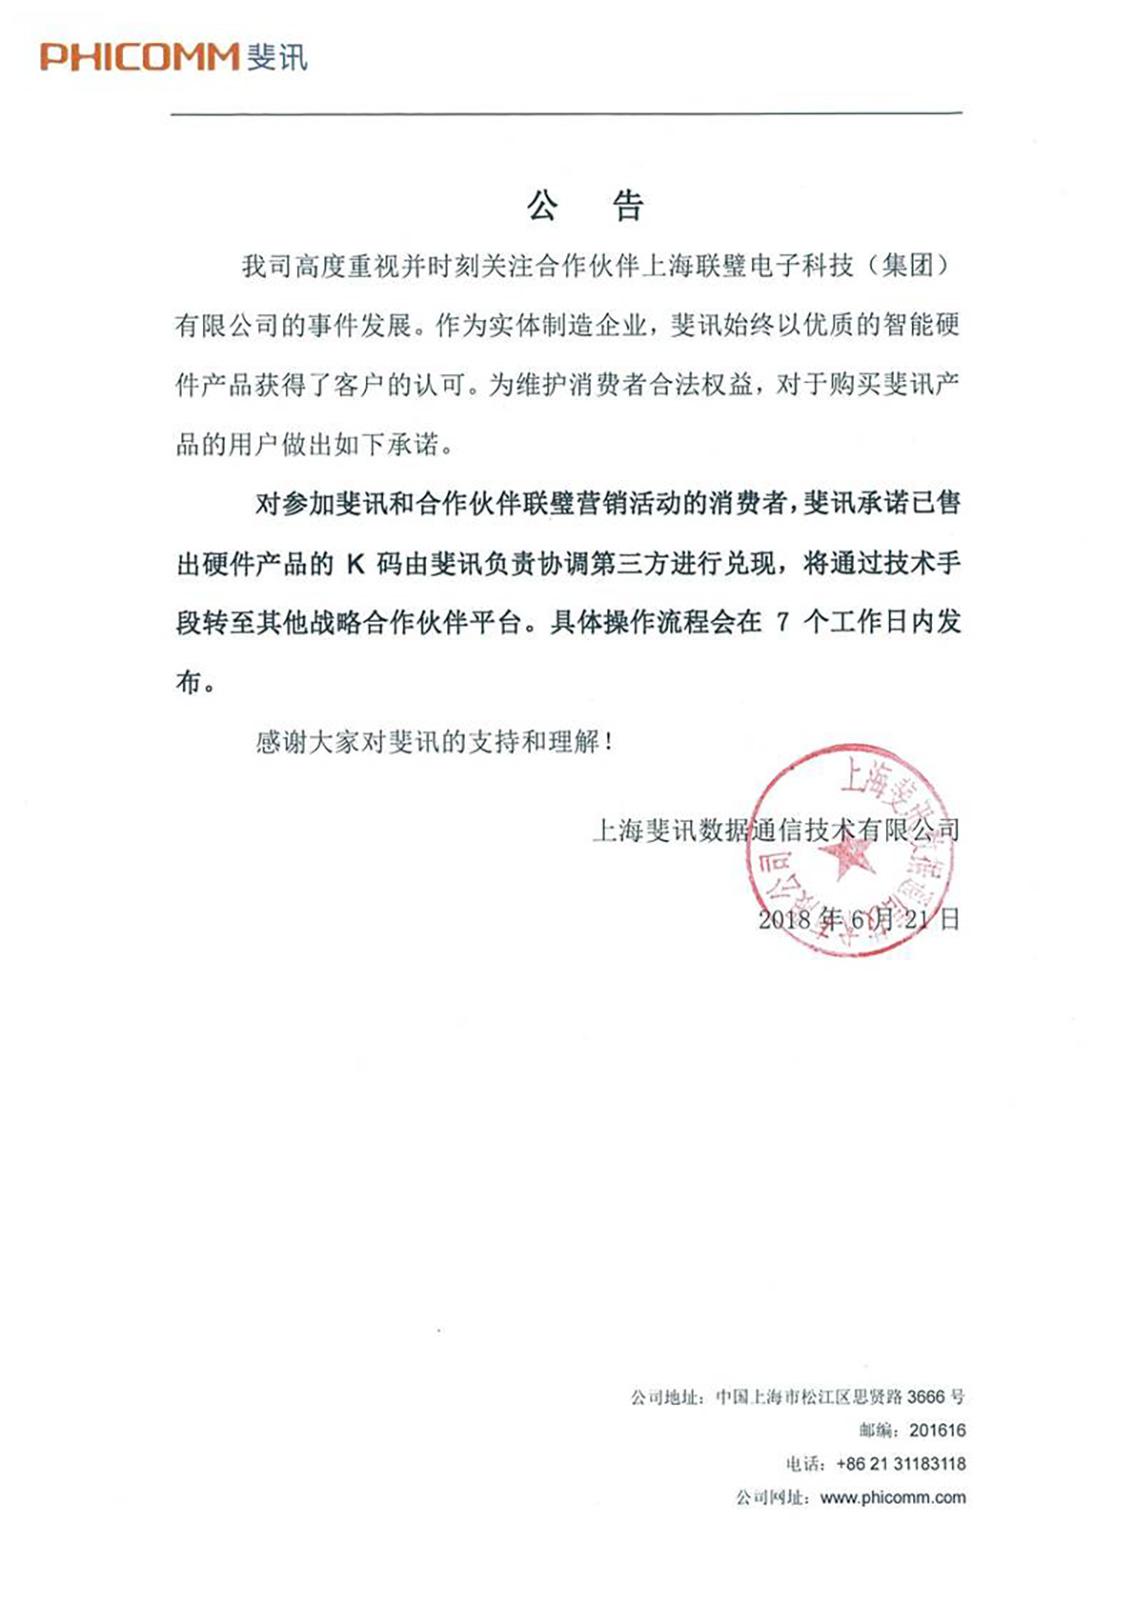 斐讯官方发布公告称将为联璧金融零元购继续兑付